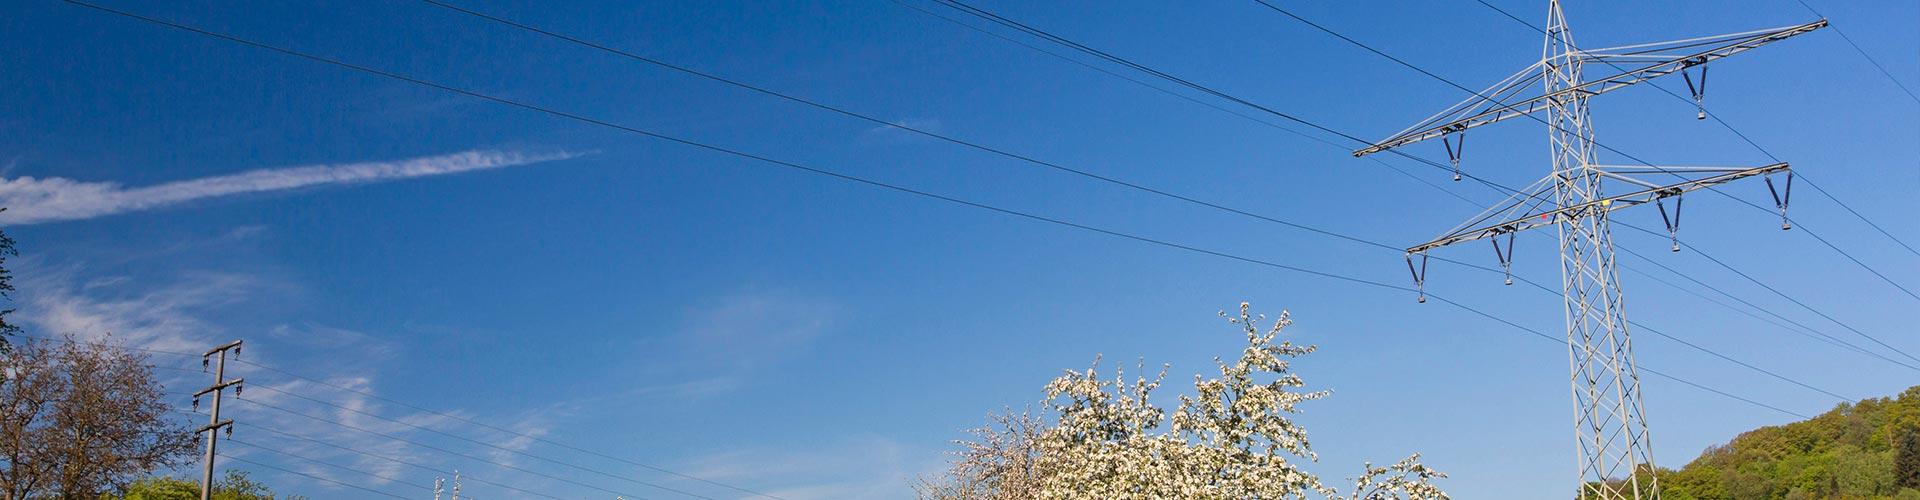 Stromtrasse durch Streuobstwiese. Foto: blickwinkel/A. Held